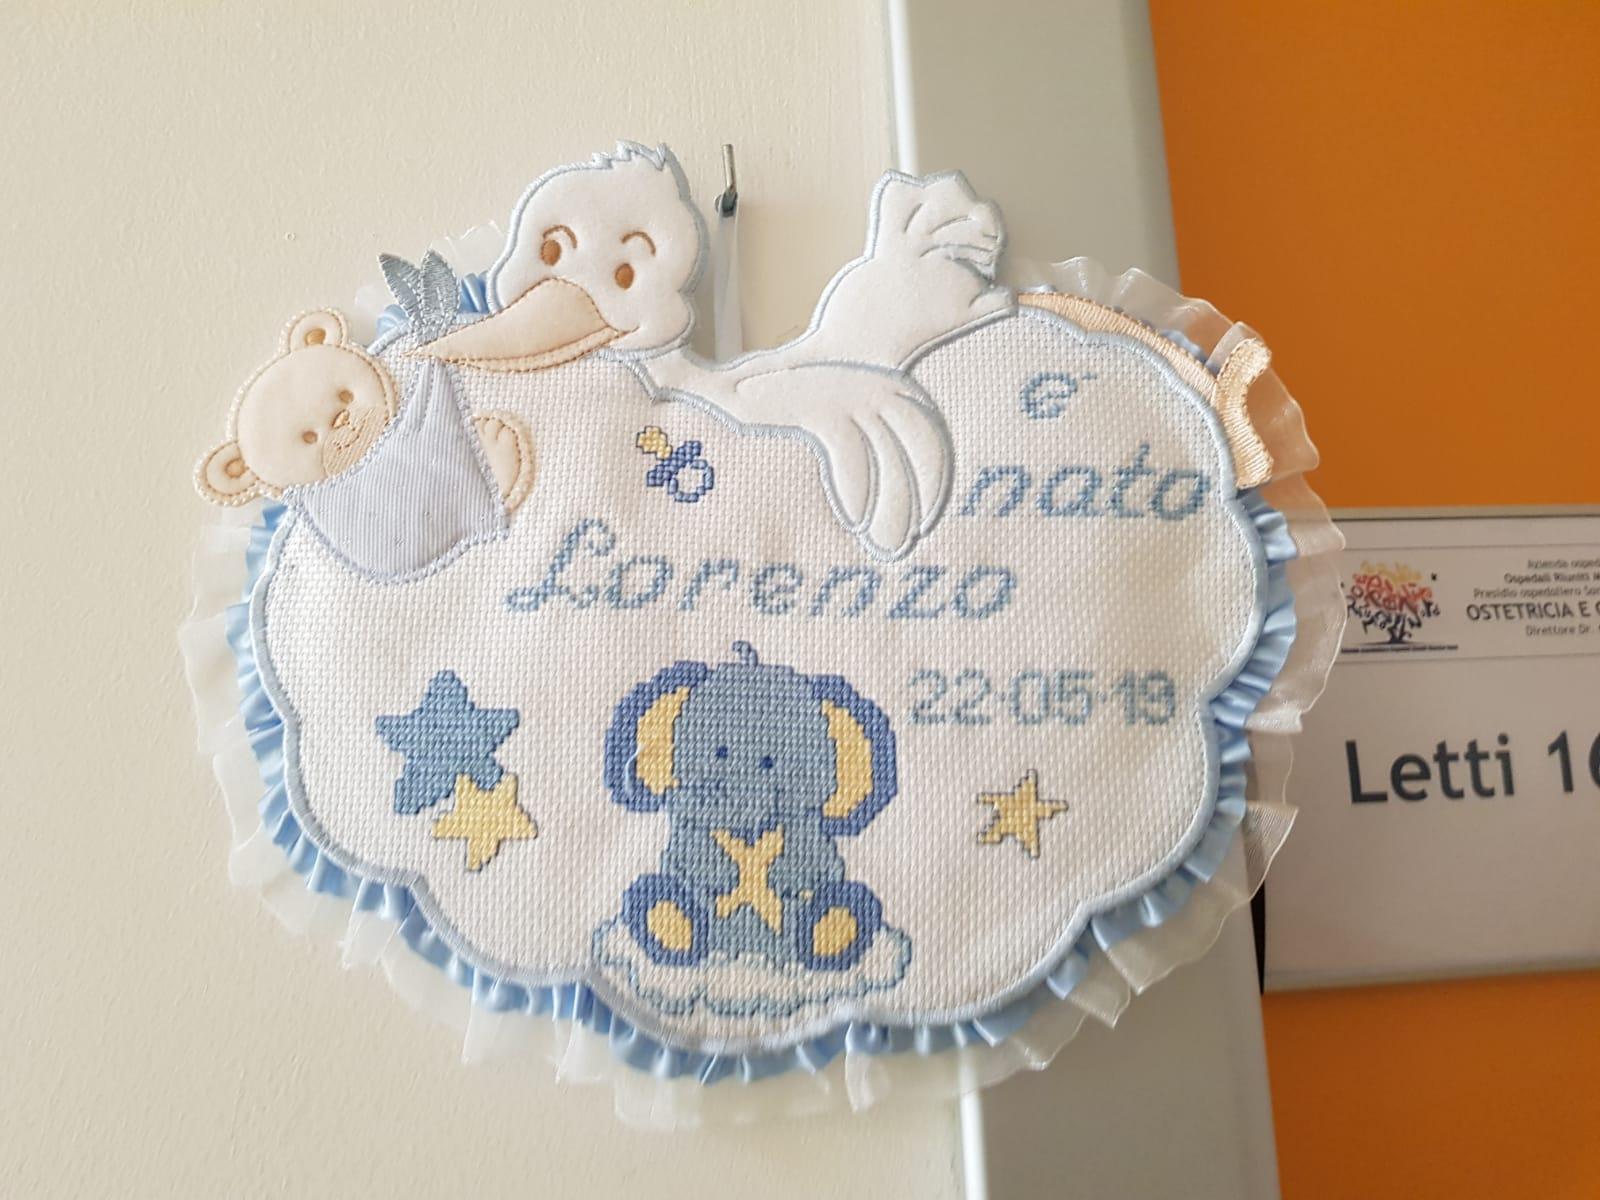 da1fa2bfb7b8 pu24.it- Fiocco azzurro in casa Sacchi: è nato Lorenzo, primogenito ...